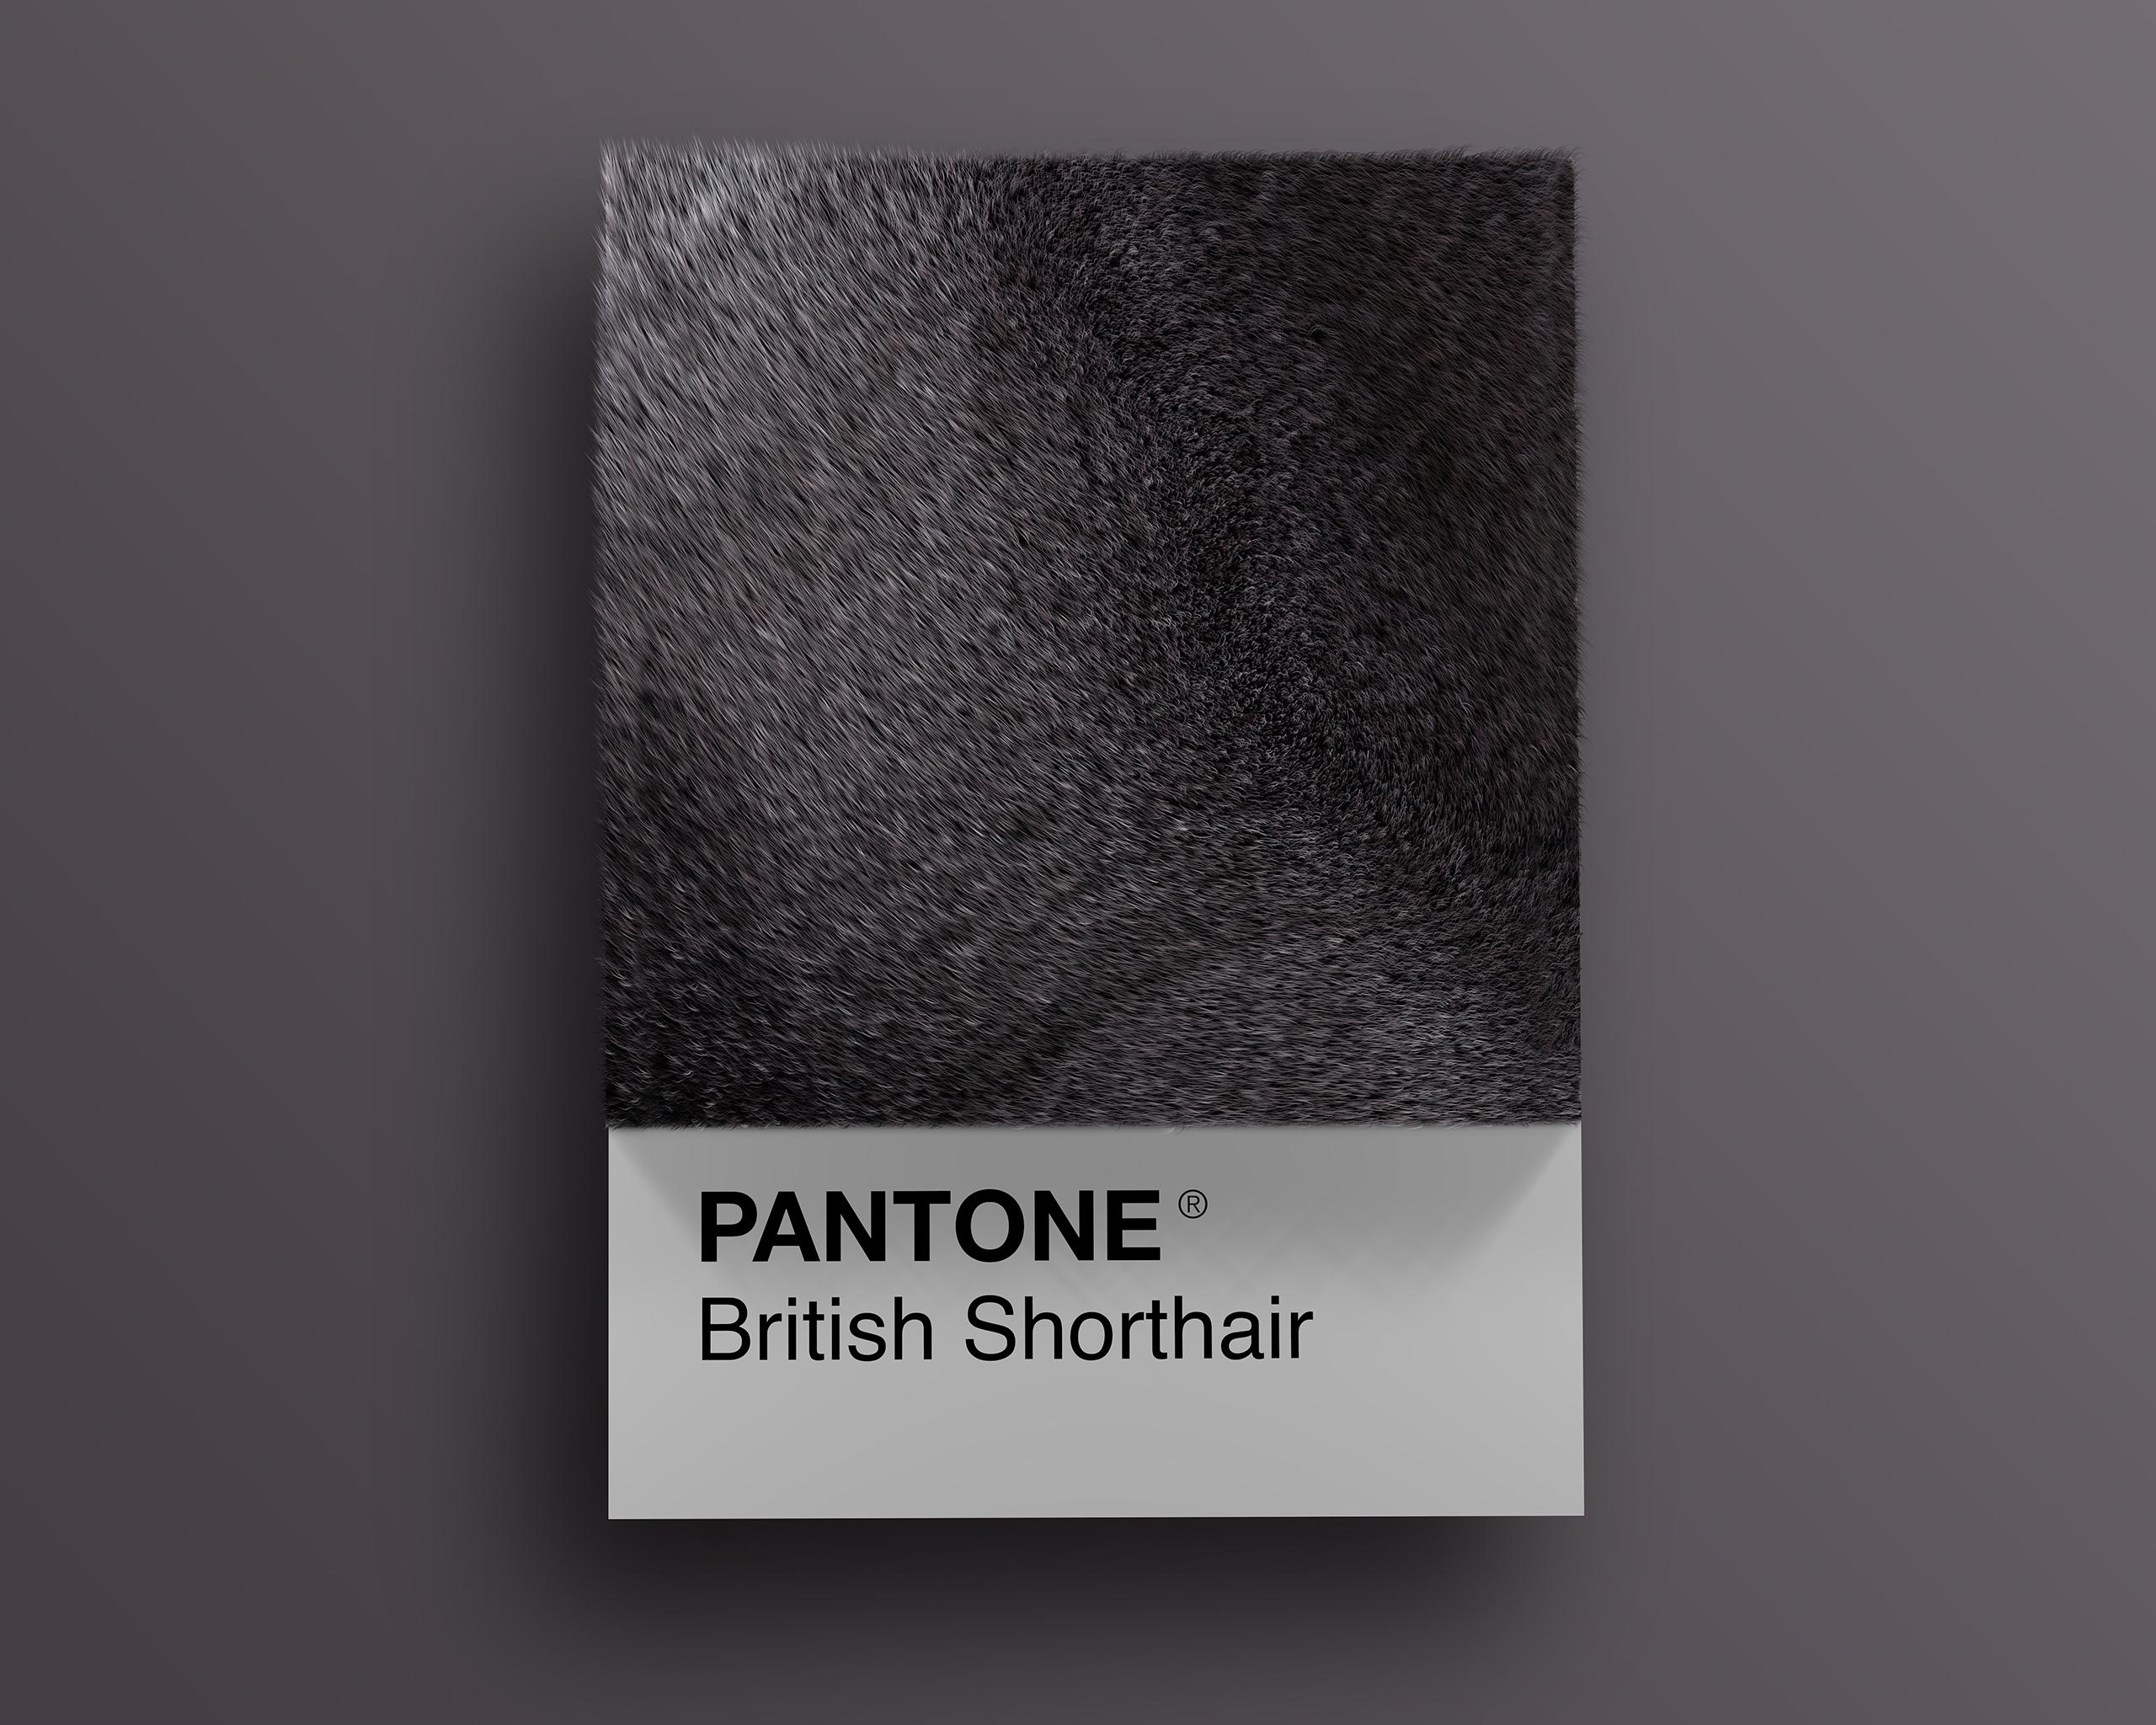 British as Pantone